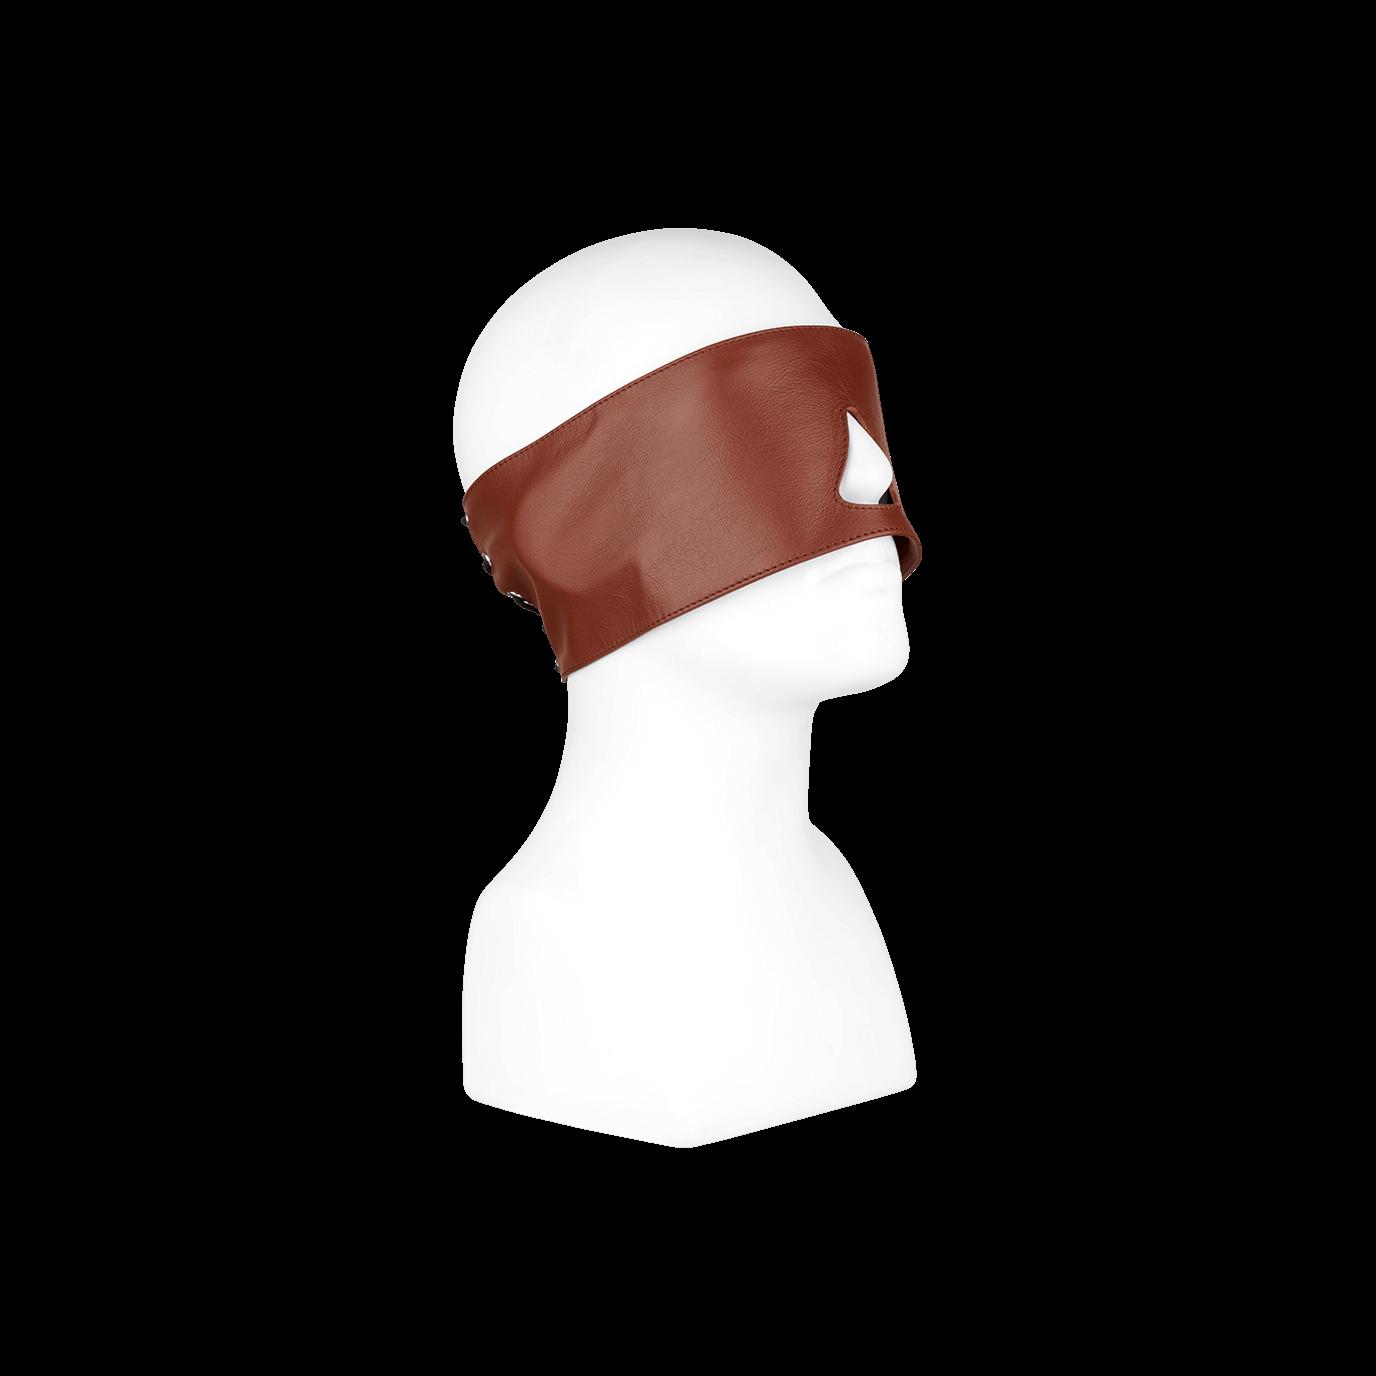 Rimba Leder-Augenmaske mit Schnürung, braun jetztbilligerkaufen